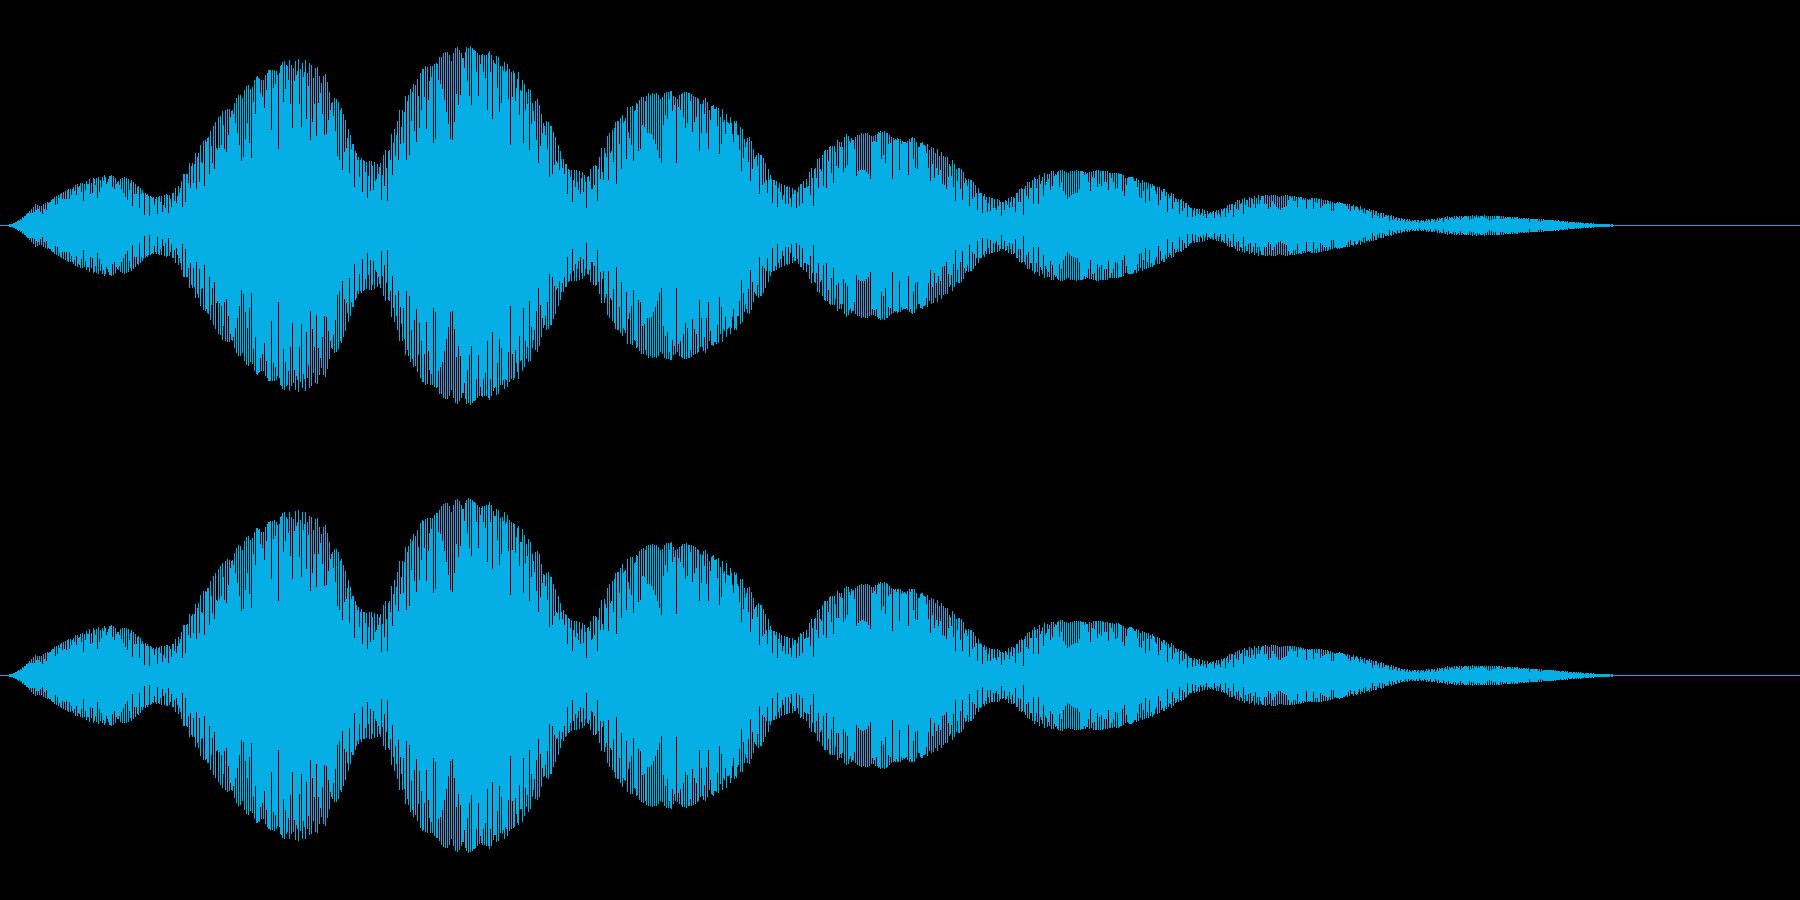 雲がふわふわと浮かぶような効果音の再生済みの波形